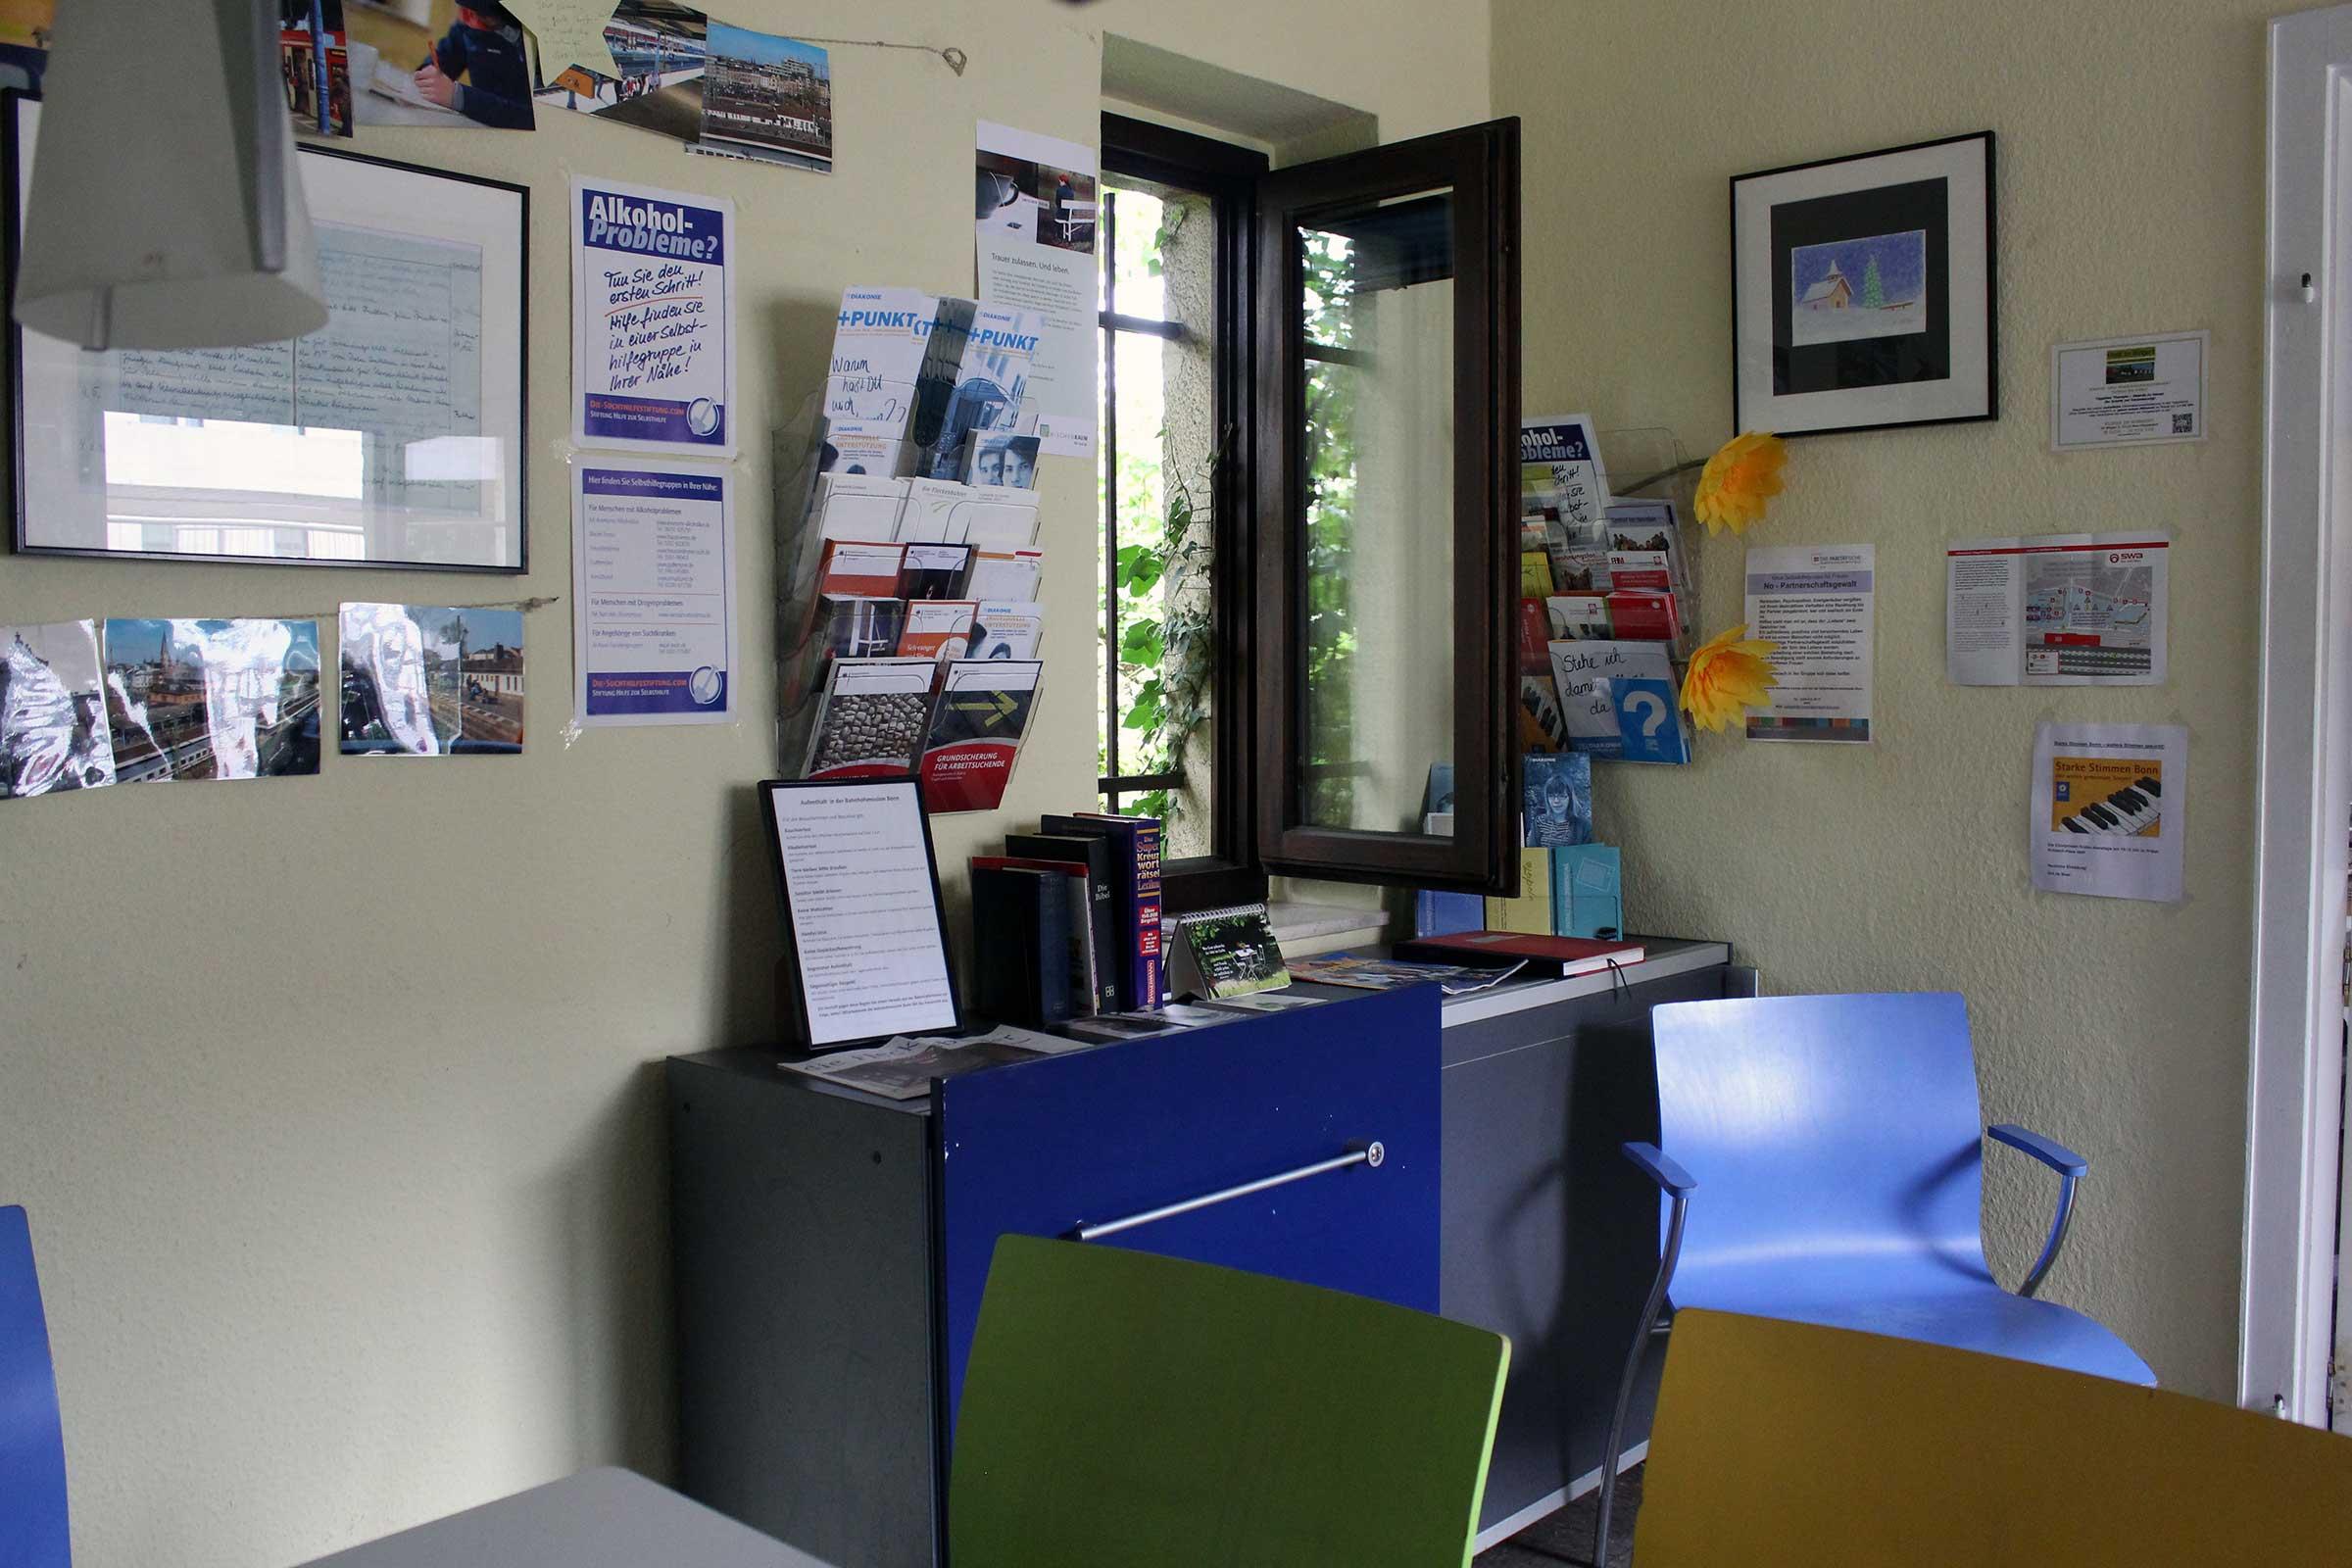 """Teil eines Tisches mit zwei Stühlen, dahinter an der Wand etliche Poster, auf denen zum Beispiel steht """"Alkoholprobleme?"""". Rechts ein geöffnetes Fenster mit Gitter davor."""